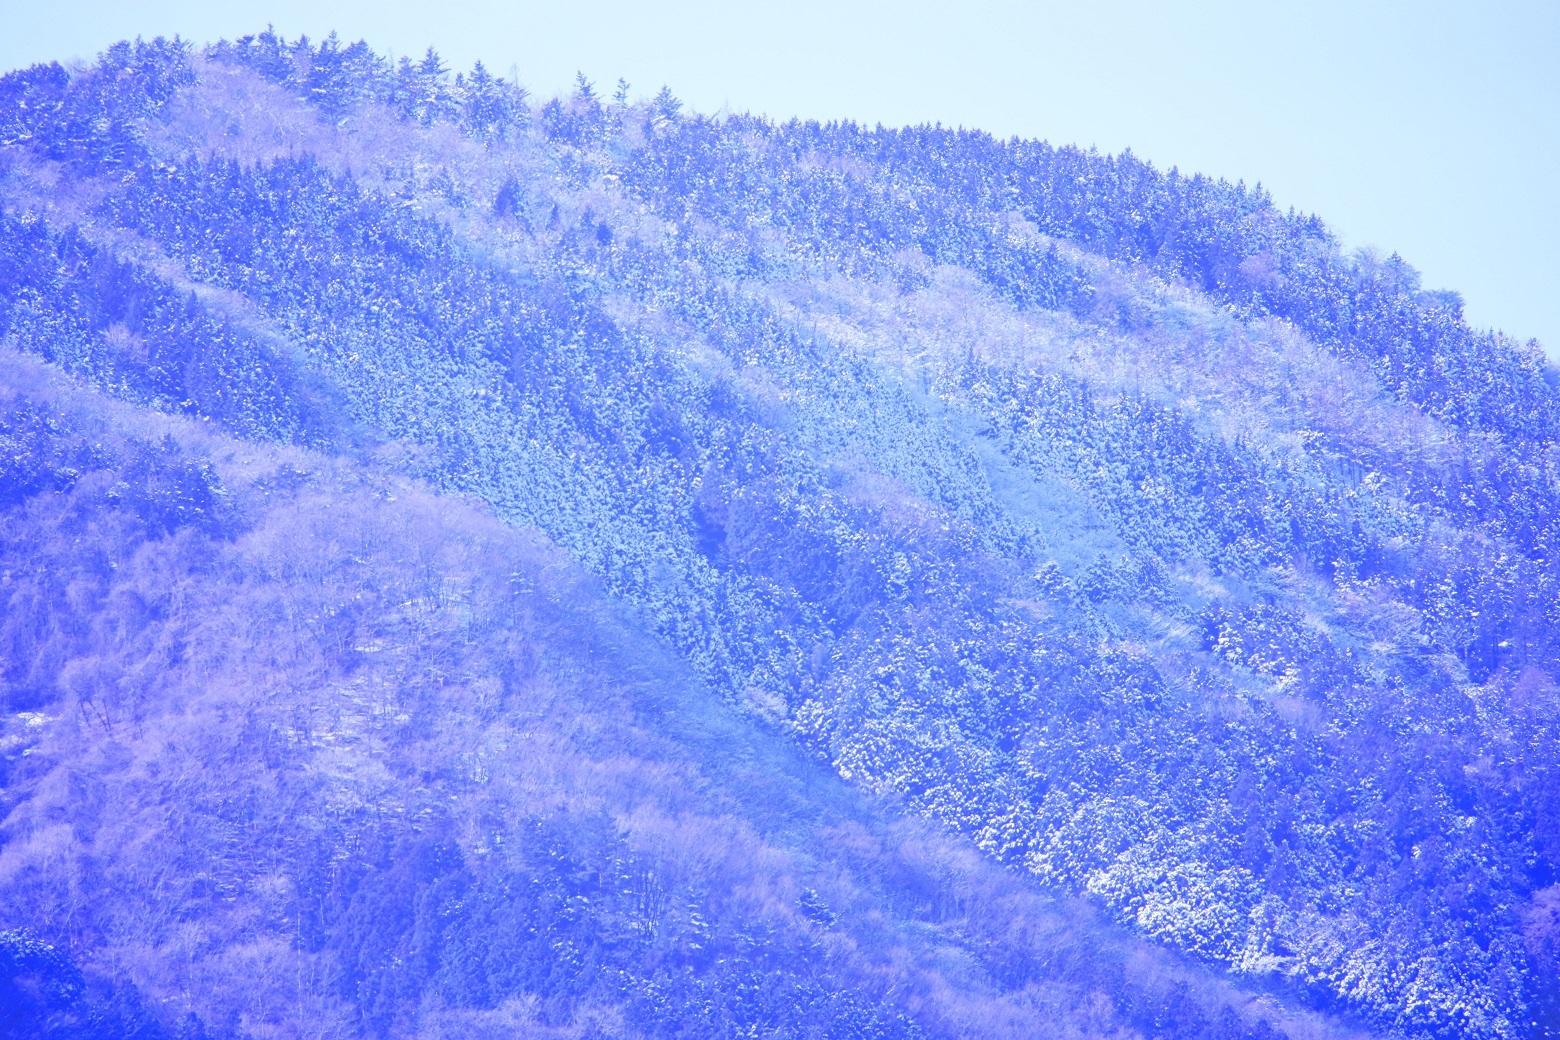 薄化粧した山.jpg